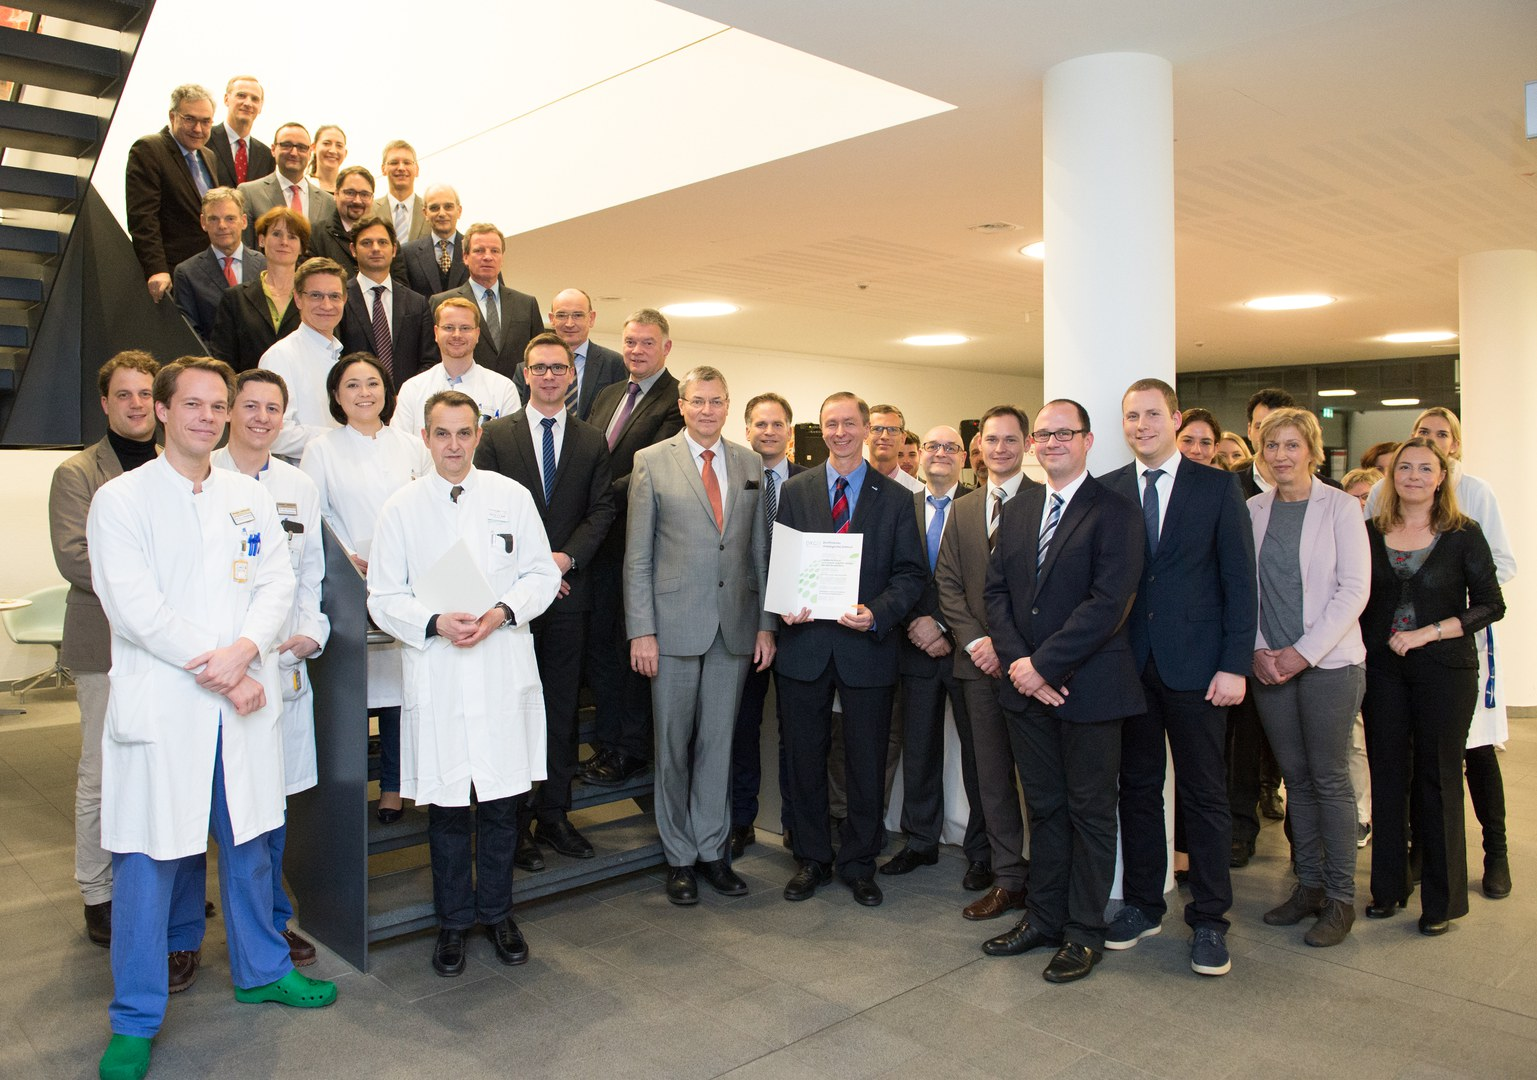 Feierliche Zertifikats-Übergabe der Deutschen Krebsgesellschaft (DKG):